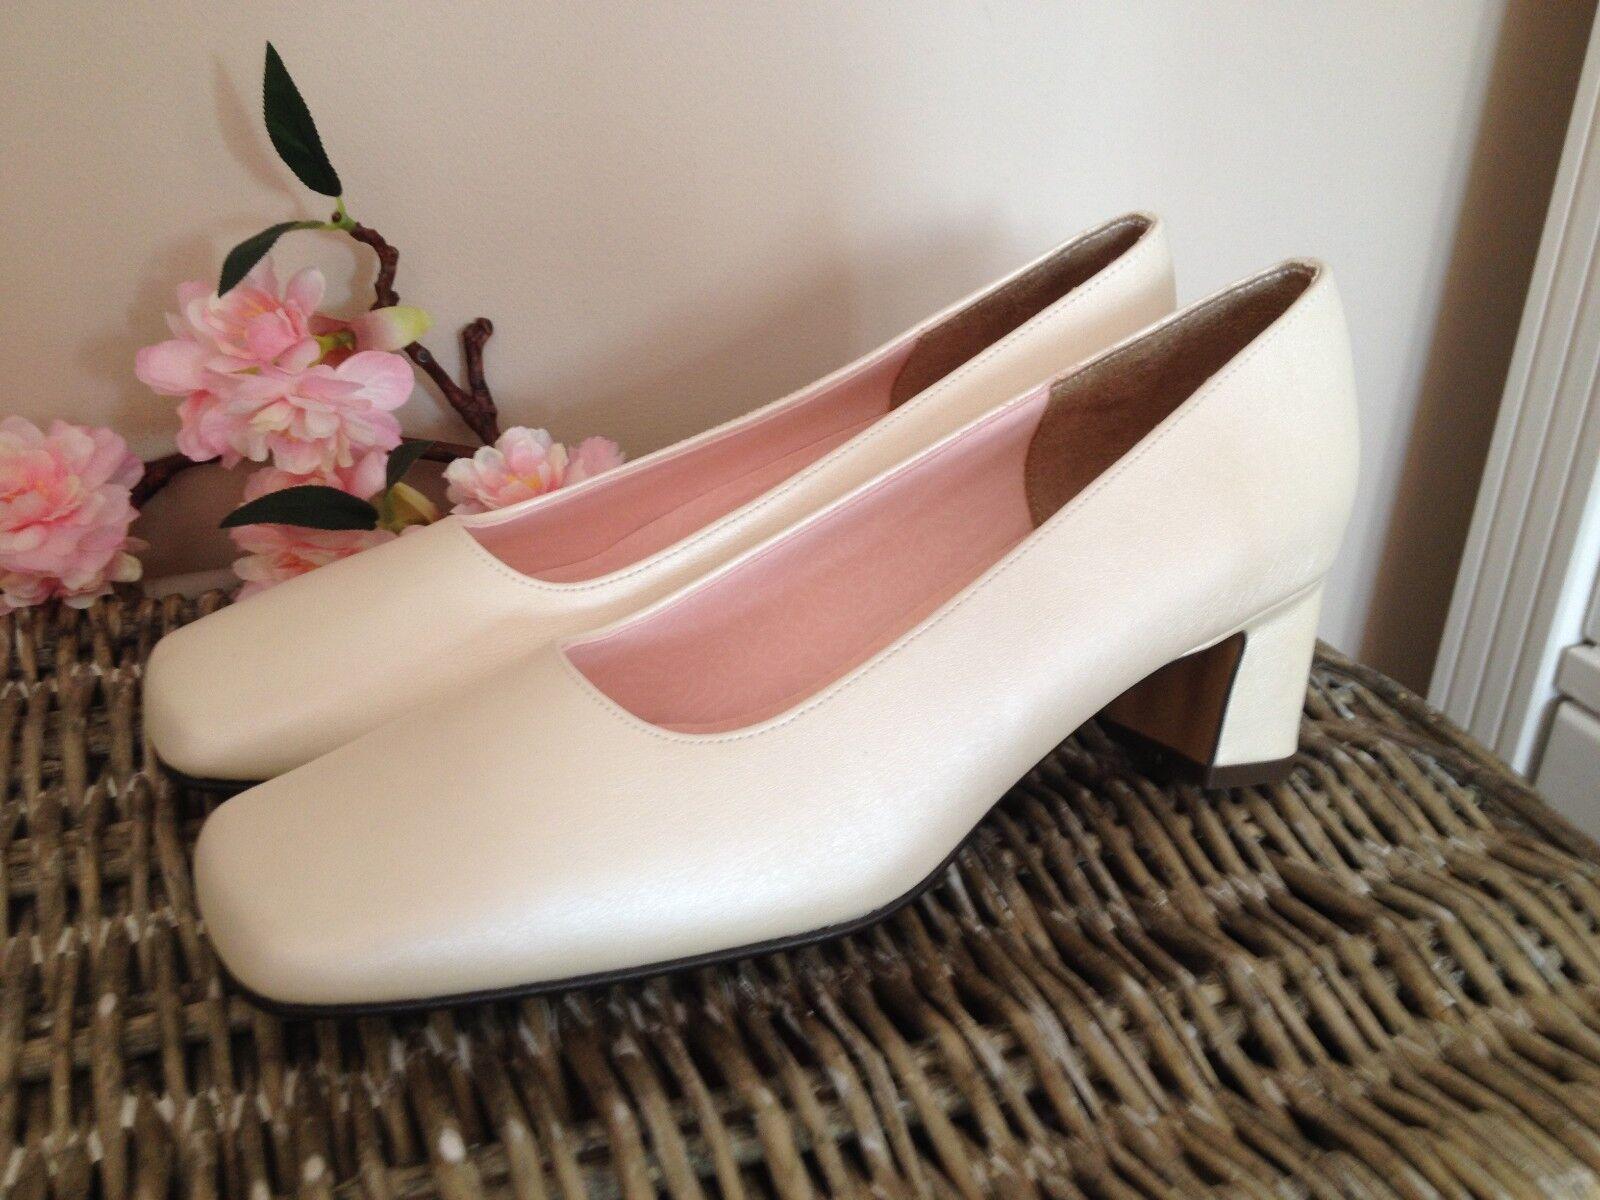 Paradox Blossom Damen Pumps Gr.37,5 Perlmutt Ivory Damen Schuhe Neu